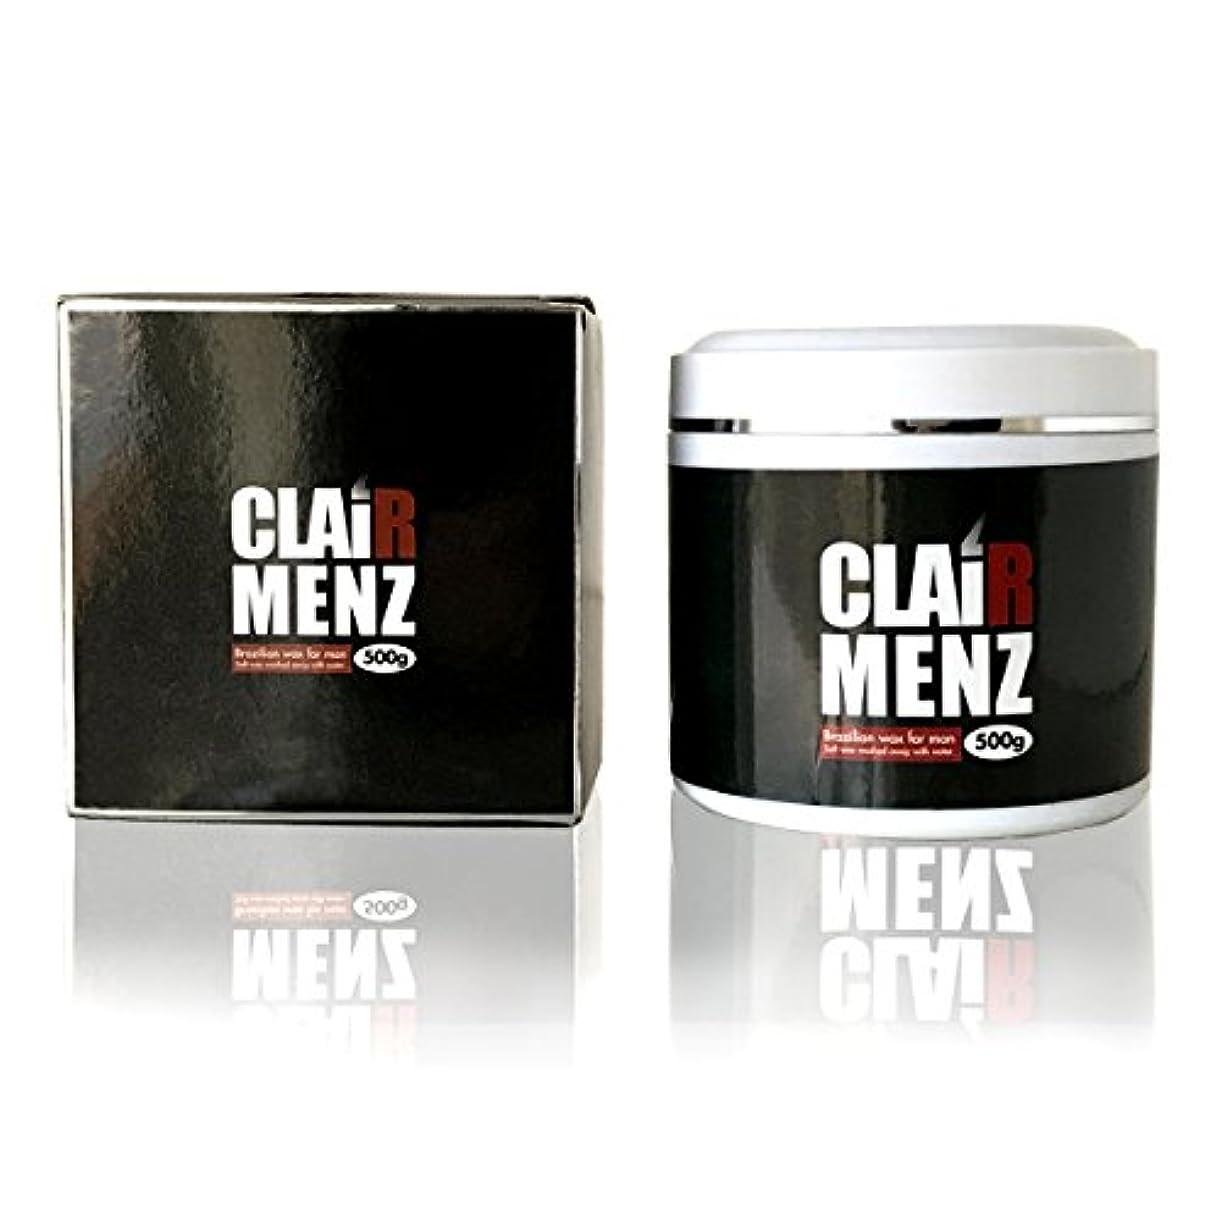 サイドボードほかに基準ブラジリアンワックス メンズ専用 clair Menz wax 500g(単品) メンズ脱毛専用ラベル 無添加ワックス 脱毛ワックス